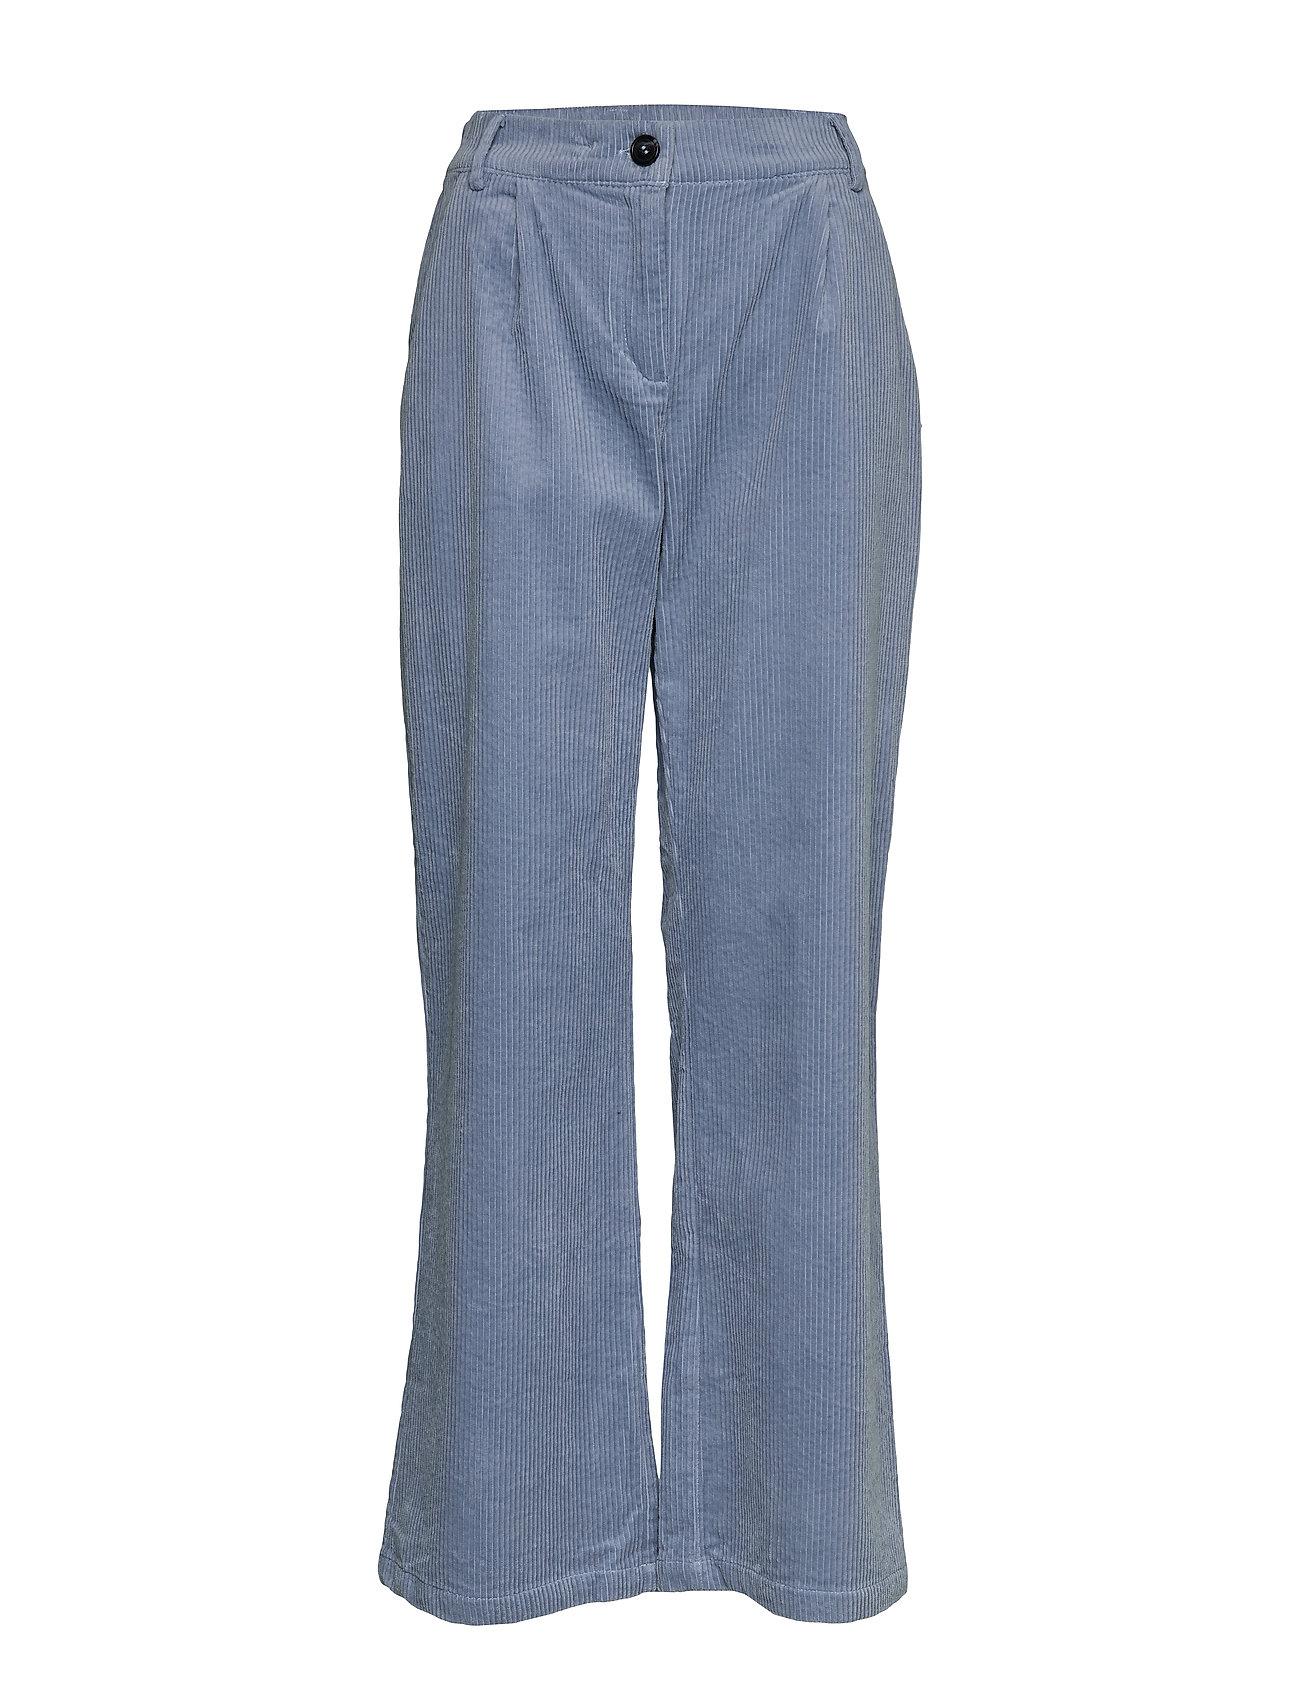 Coster Copenhagen Pants in cordery w. press folds - SHADOW BLUE